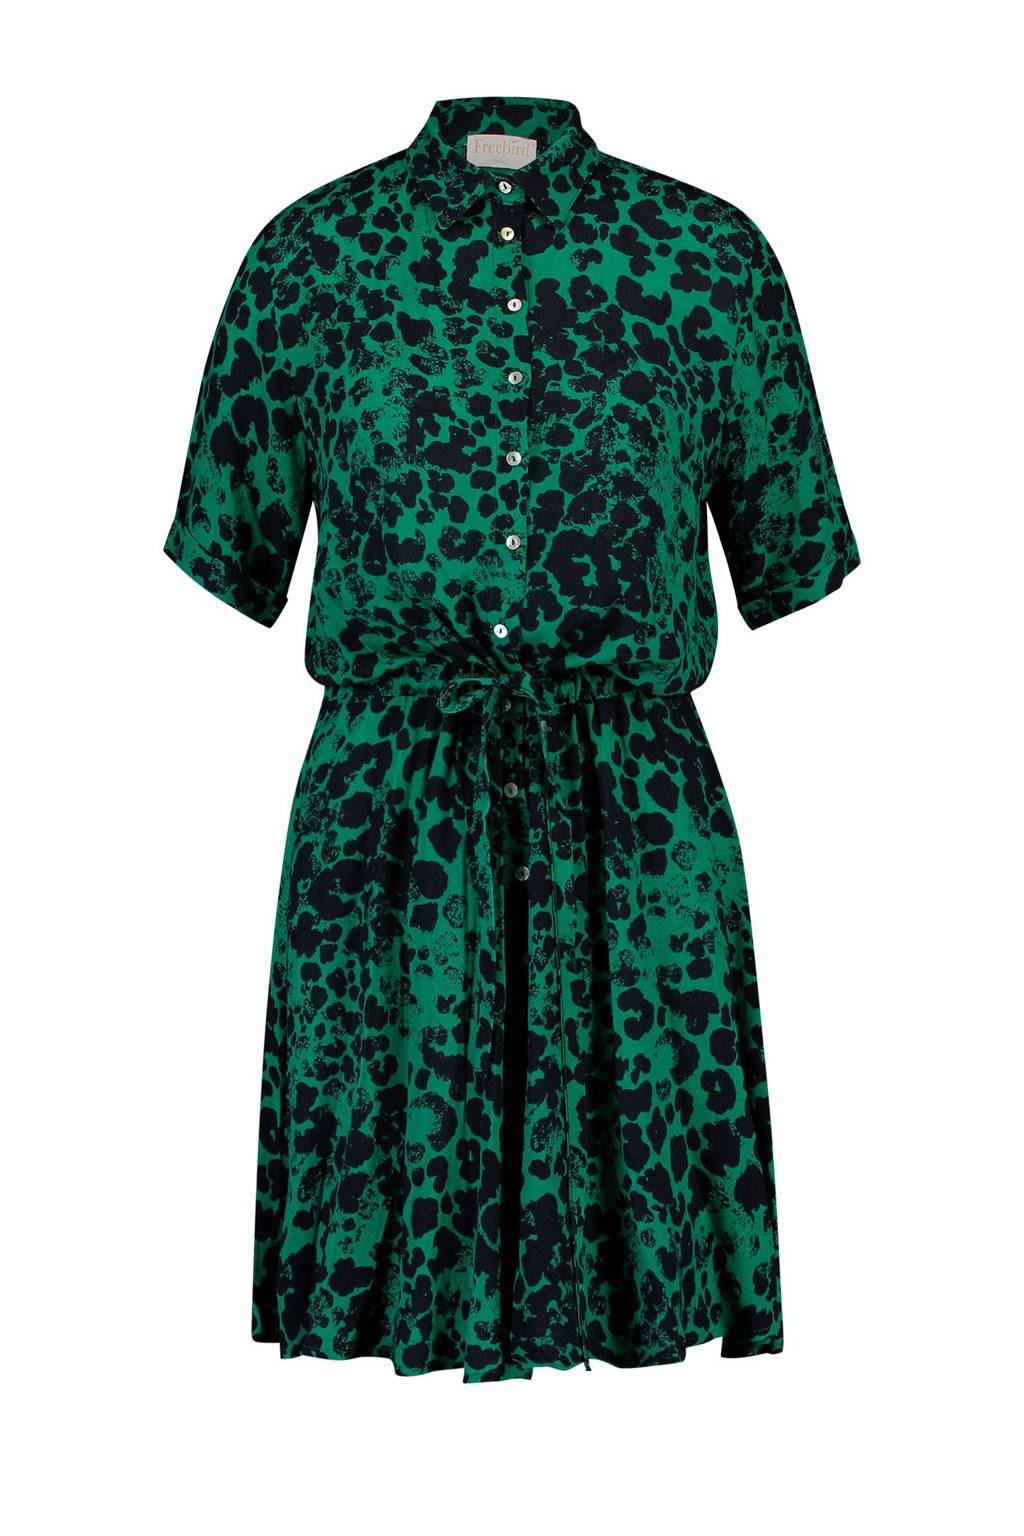 Freebird blousejurk met panterprint groen/zwart, Groen/zwart